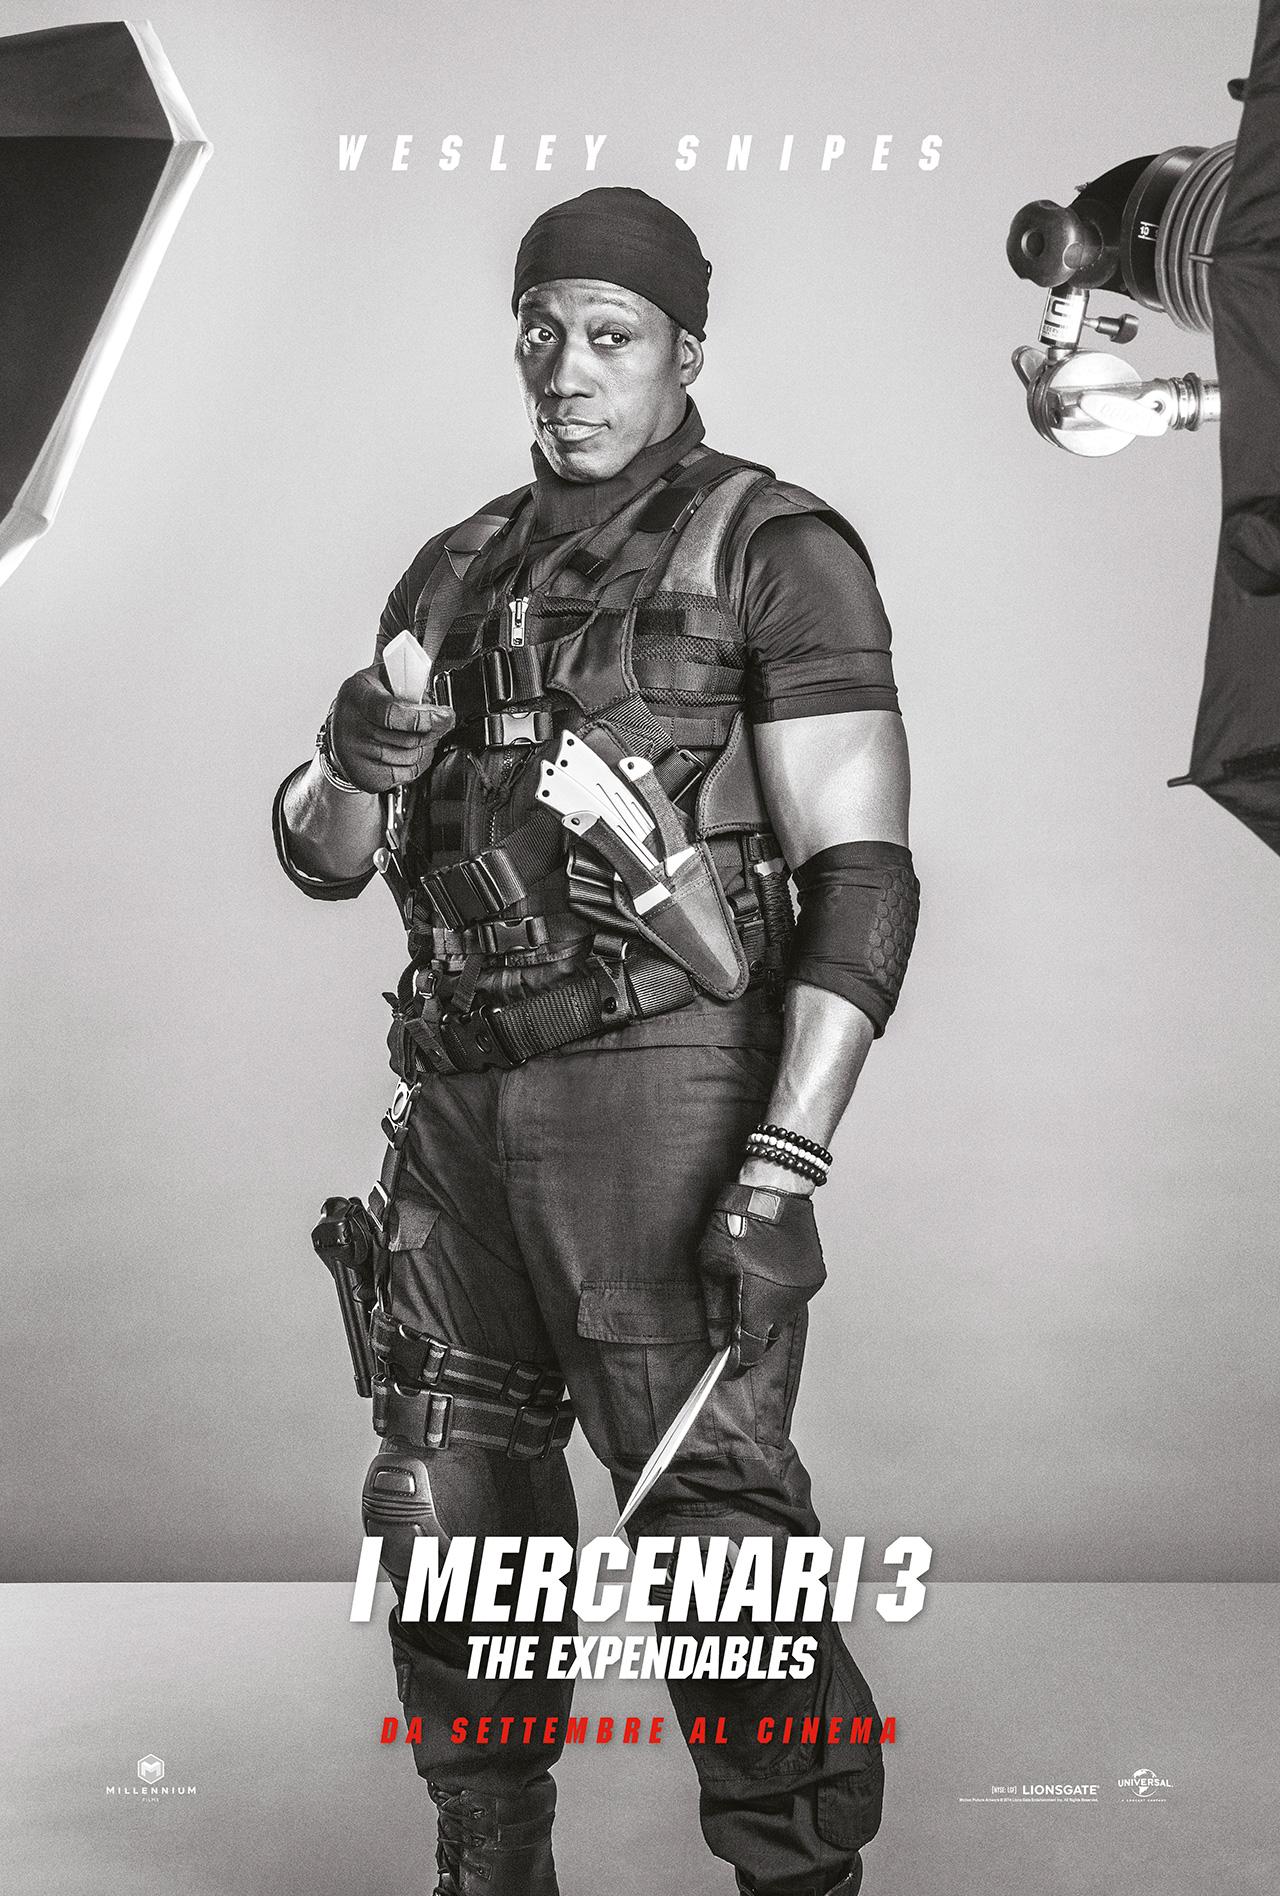 I Mercenari 3 - The Expendables: il character poster di Wesley Snipes